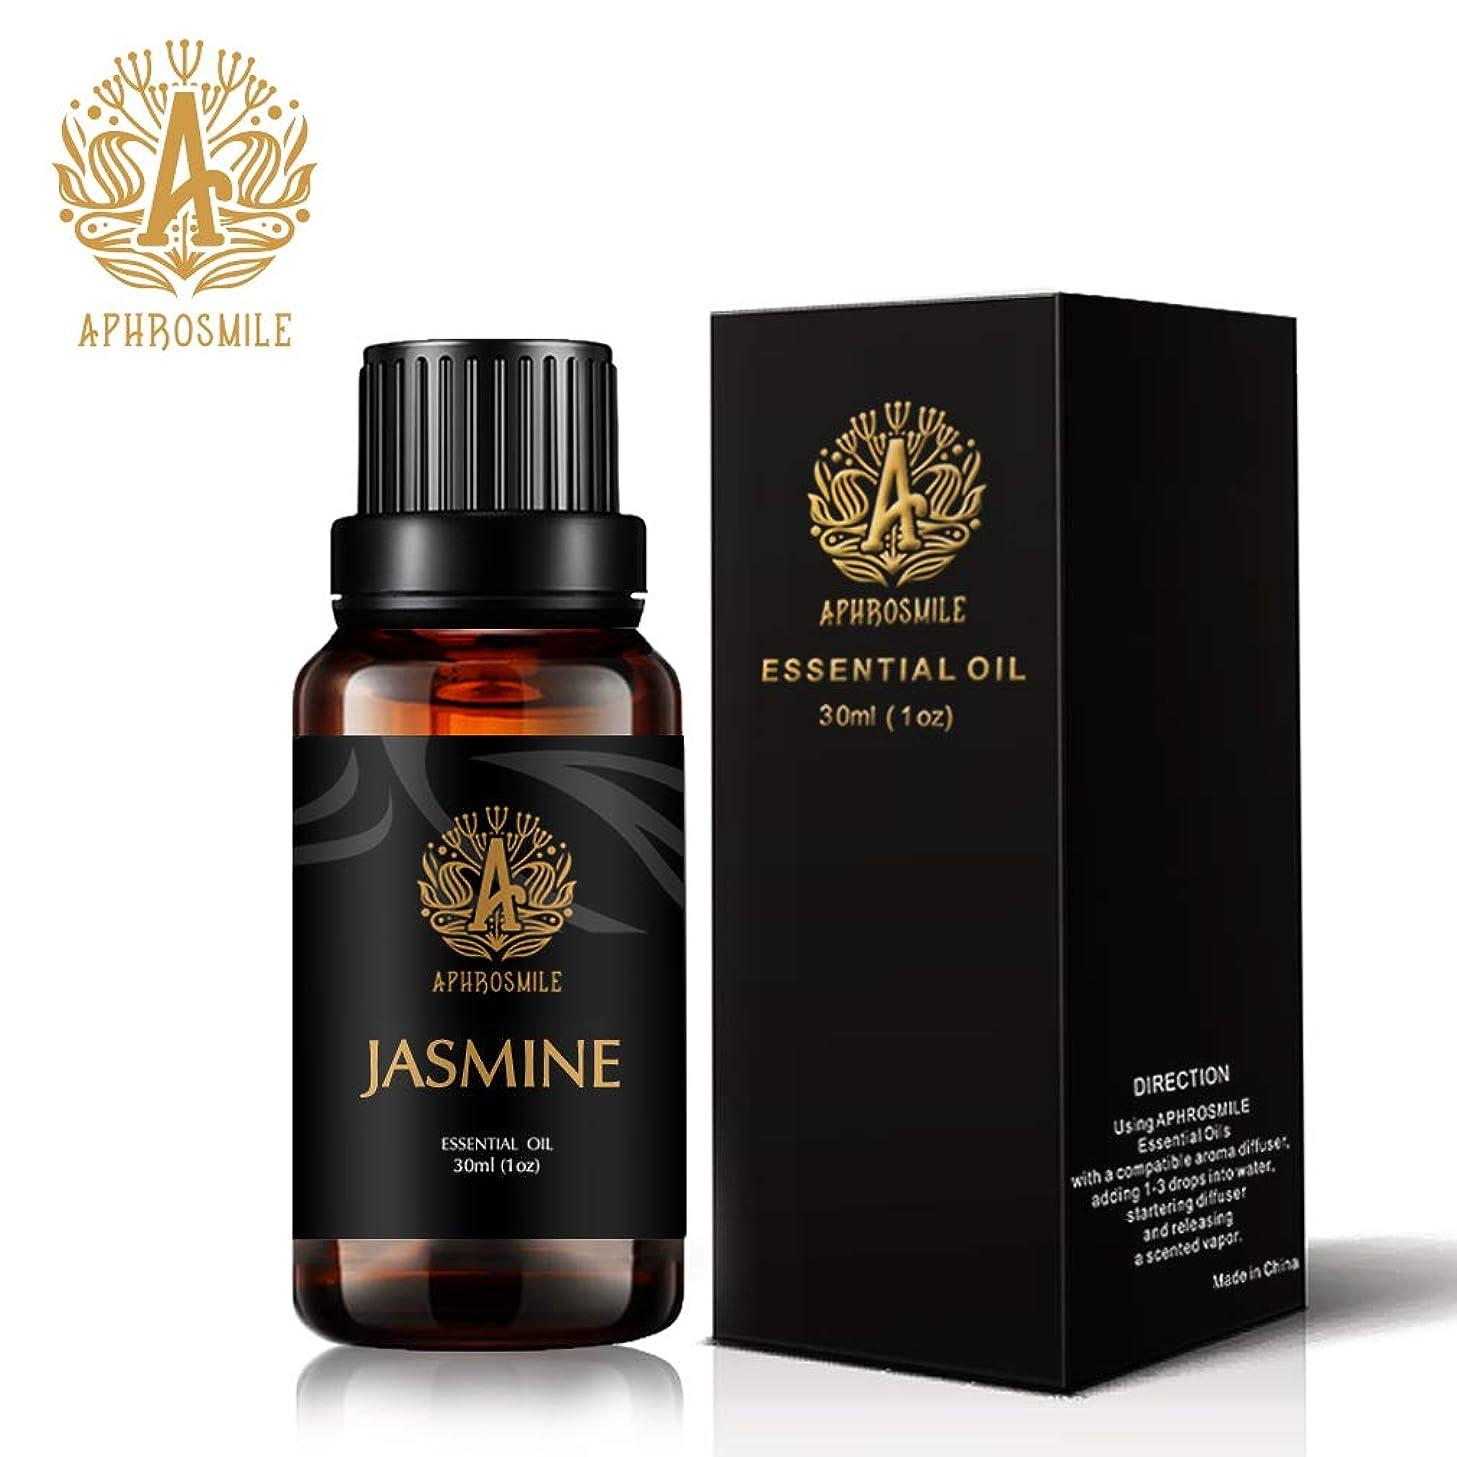 自我を通してポスト印象派Aphrosmile アロマ エッセンシャル オイル 、1 オンス - 30ML アロマ エッセンシャル オイル 香り 用 ディフューザー 、加湿器 、マッサージ 用 治療 用 グレード 香り エッセンシャル オイル 、ホーム 。 ジャスミン